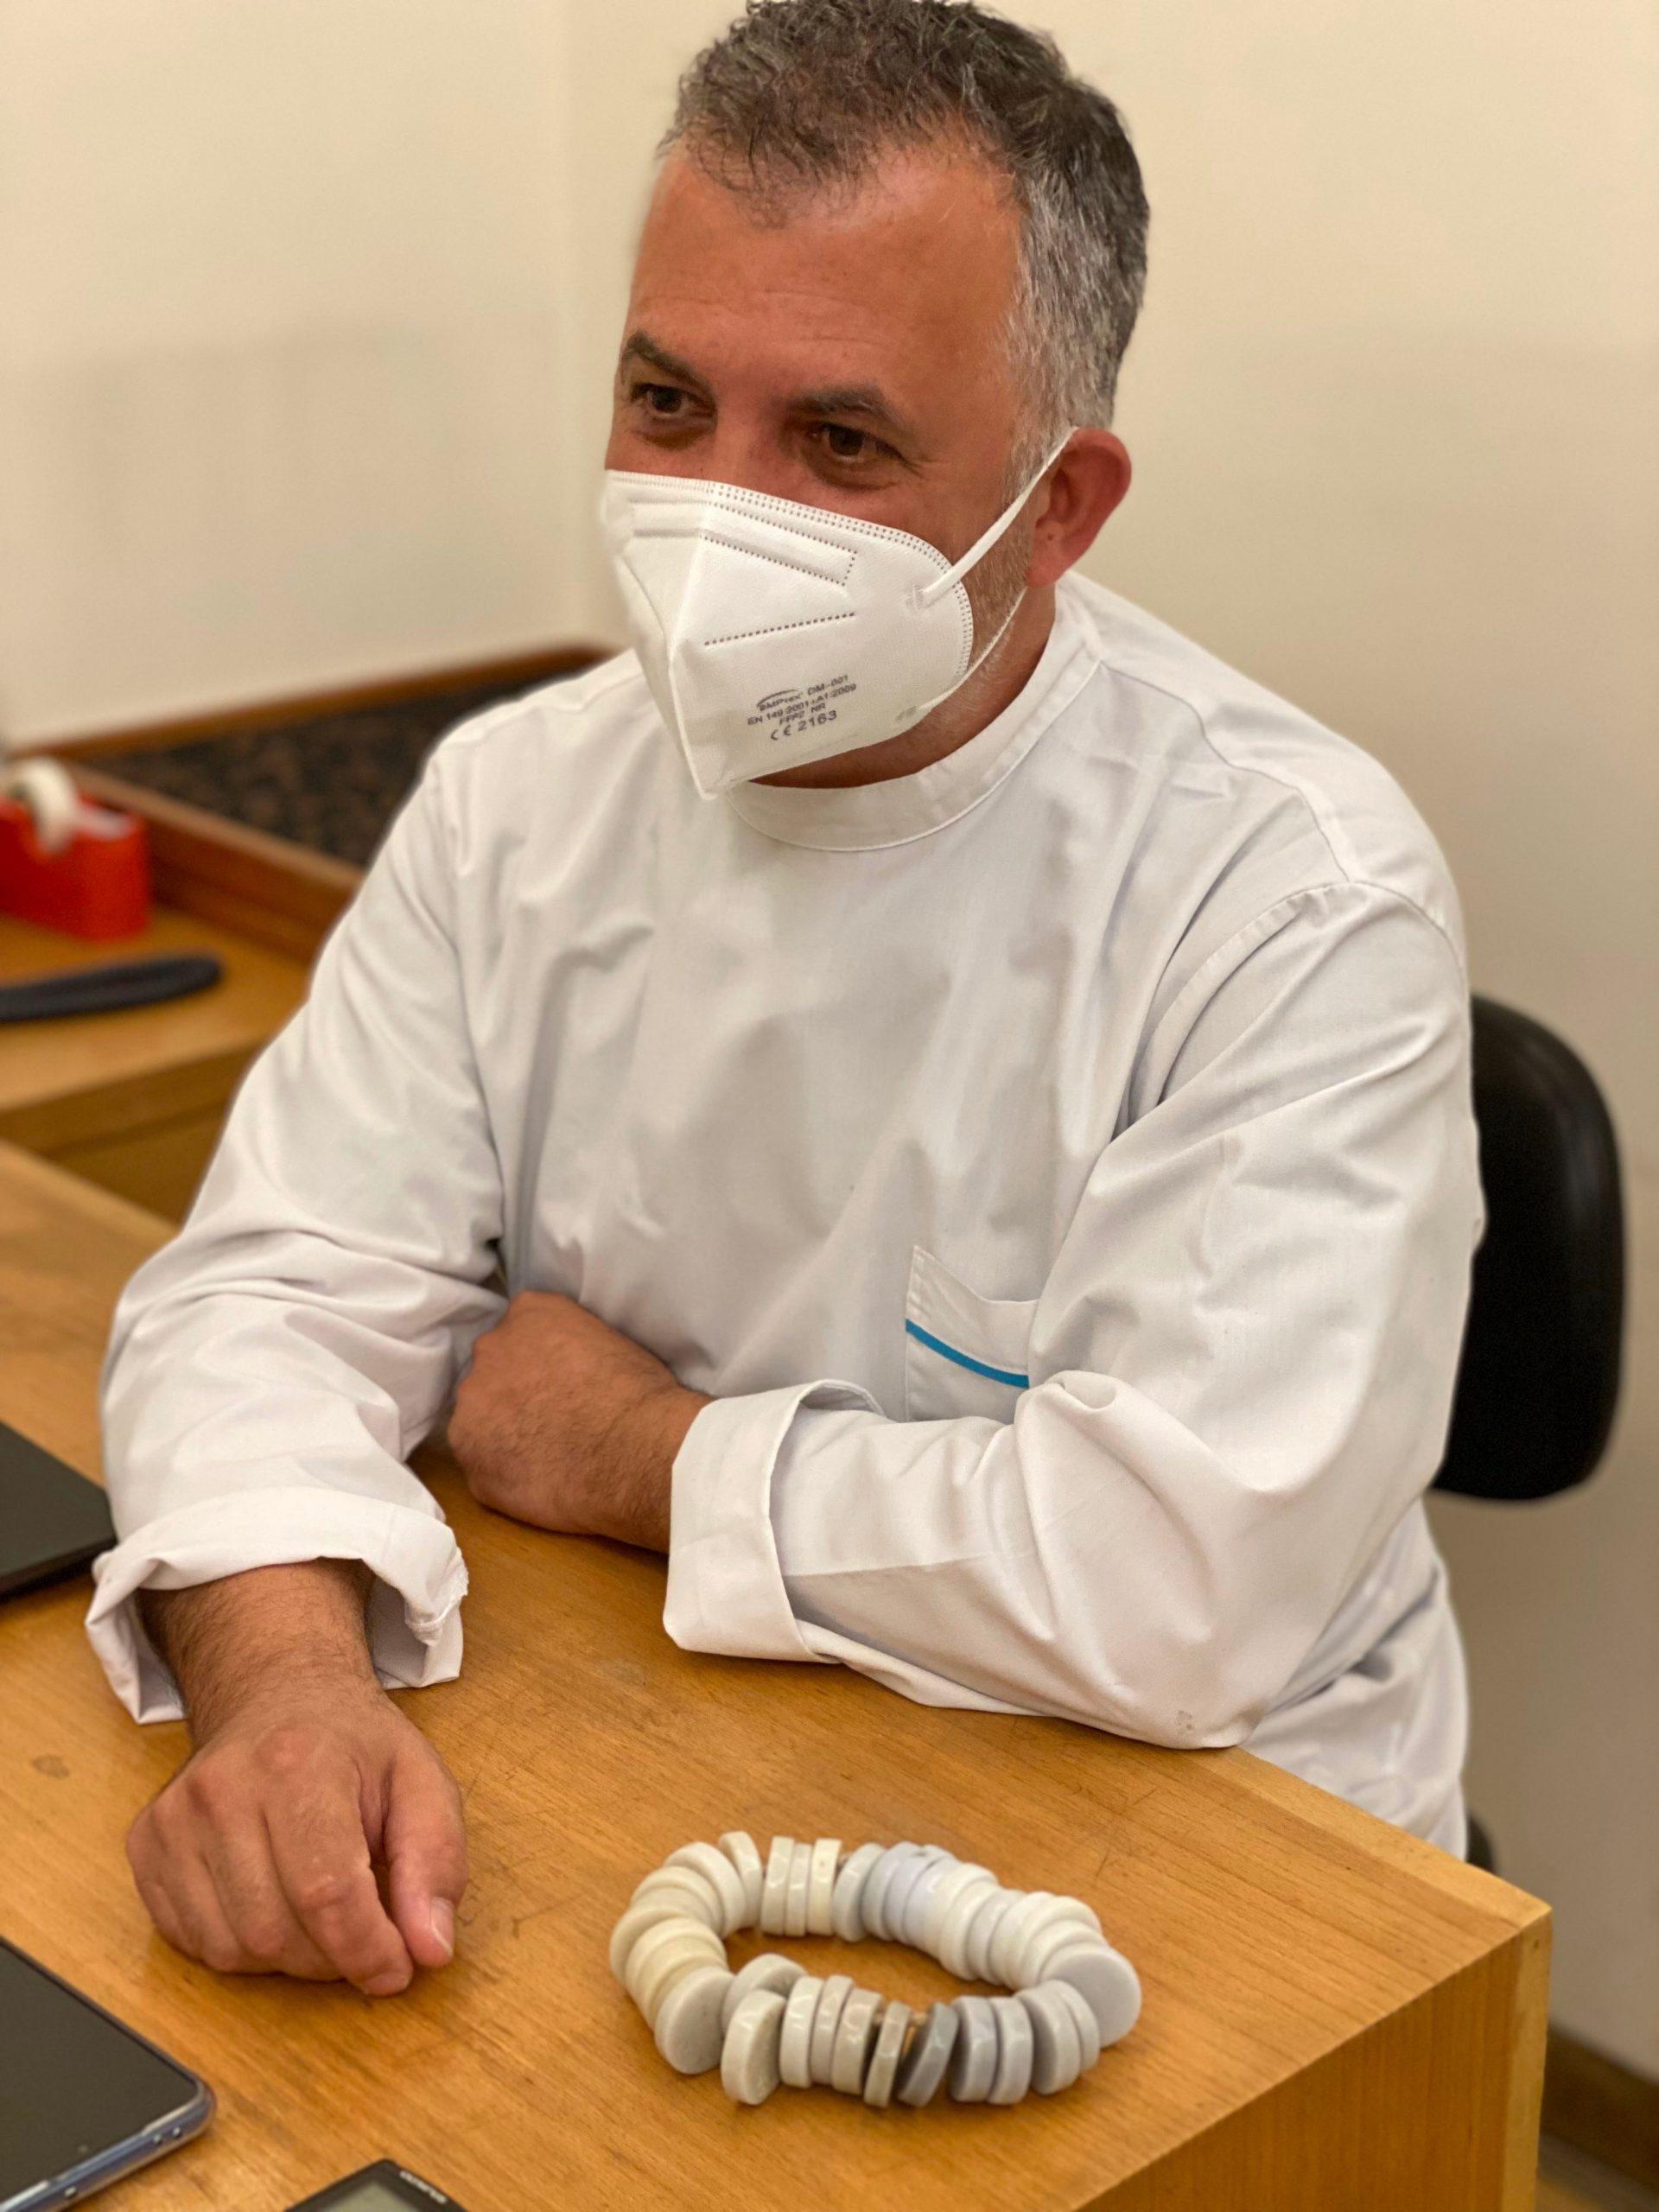 Imagem da notícia: Paulo Ferreira, ocularista na Moutinho Ópticas, em entrevista